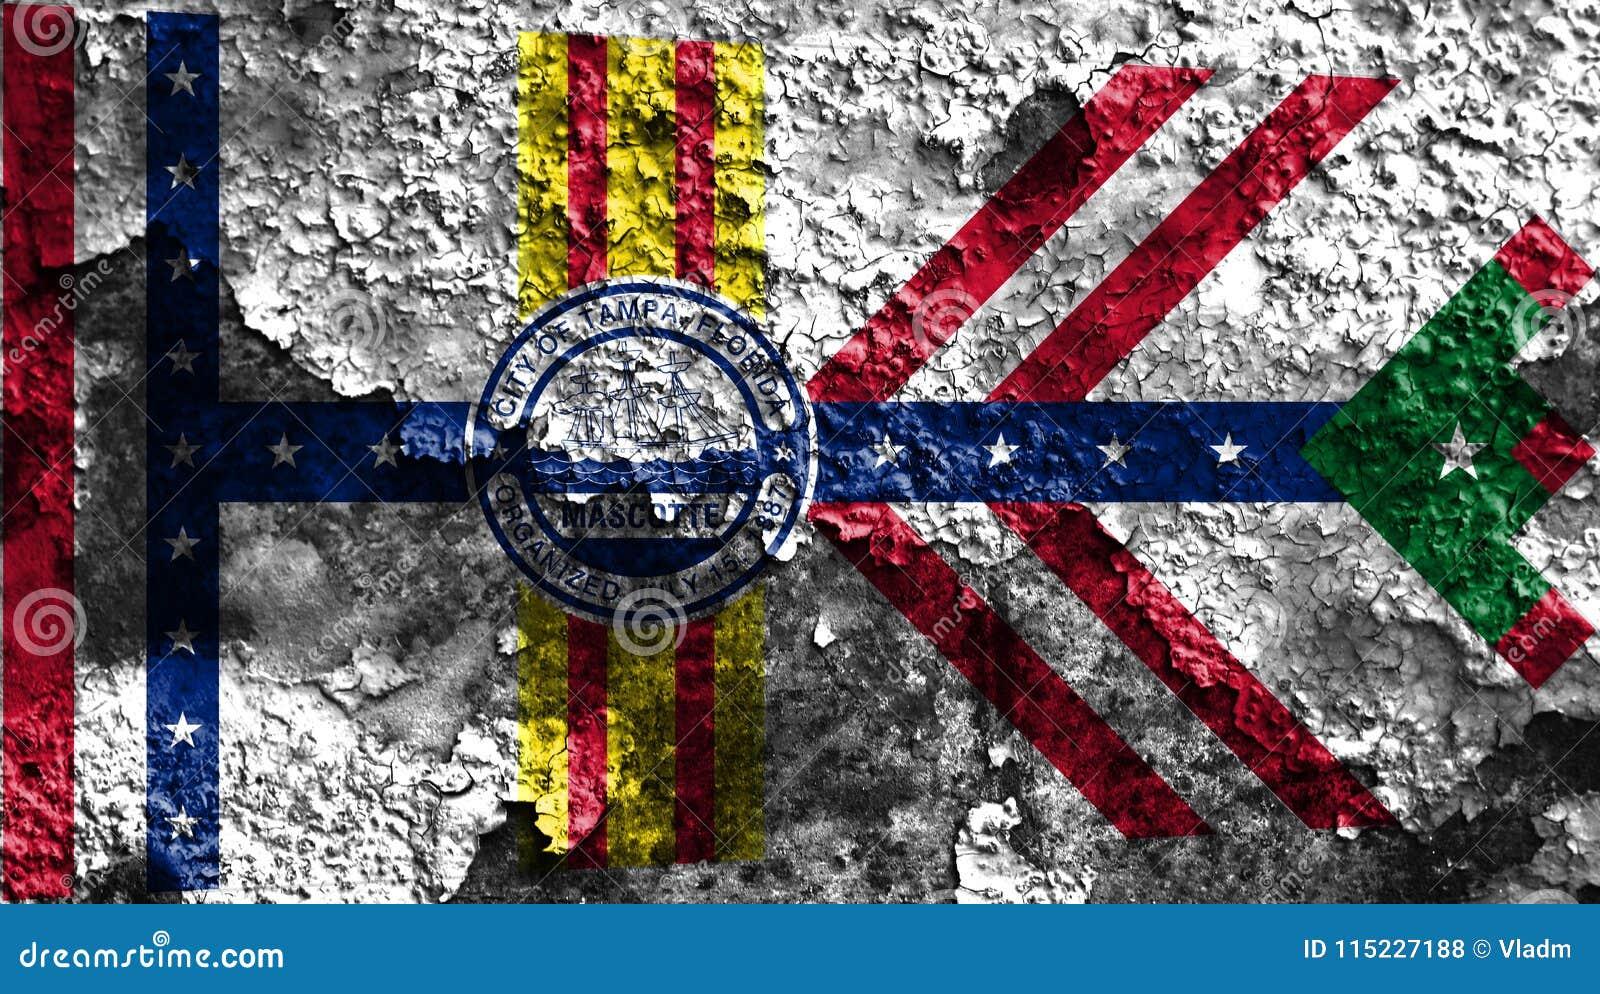 Tampa-Stadtrauchflagge, Staat Florida, die Vereinigten Staaten von Amerika